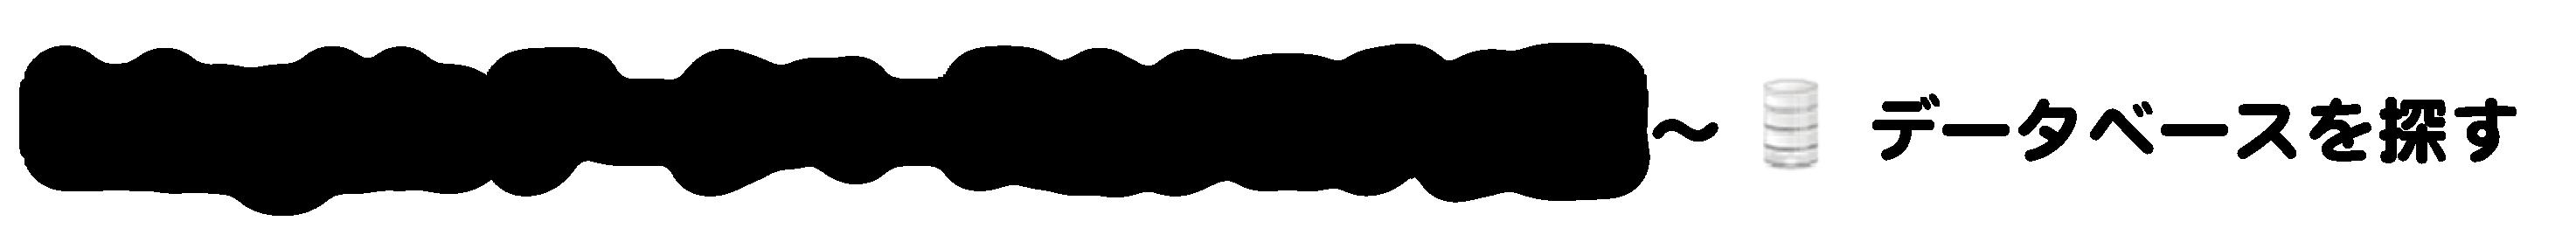 integbioデータベースカタログ